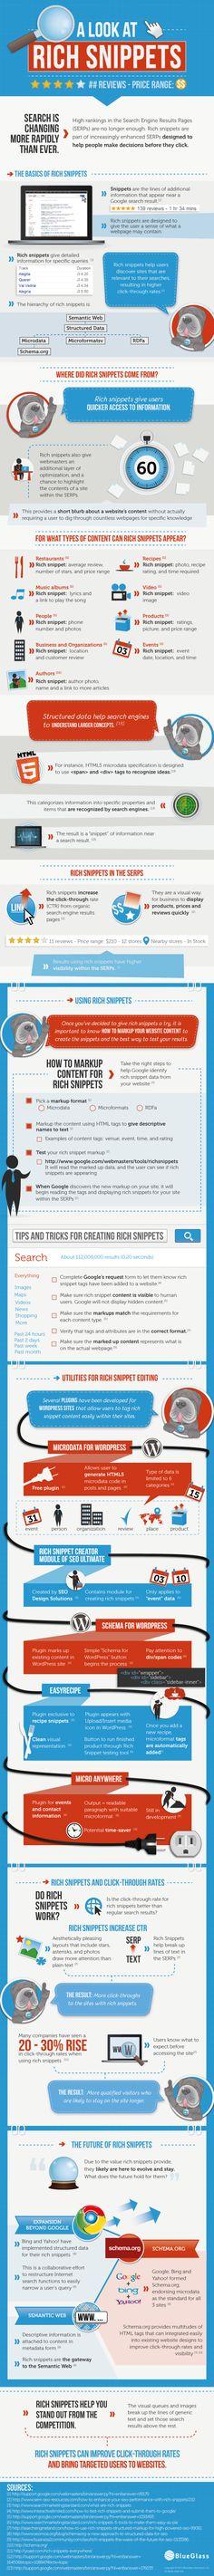 El Contenido Enriquecido o Rich Snippets: una guía práctica en infografía